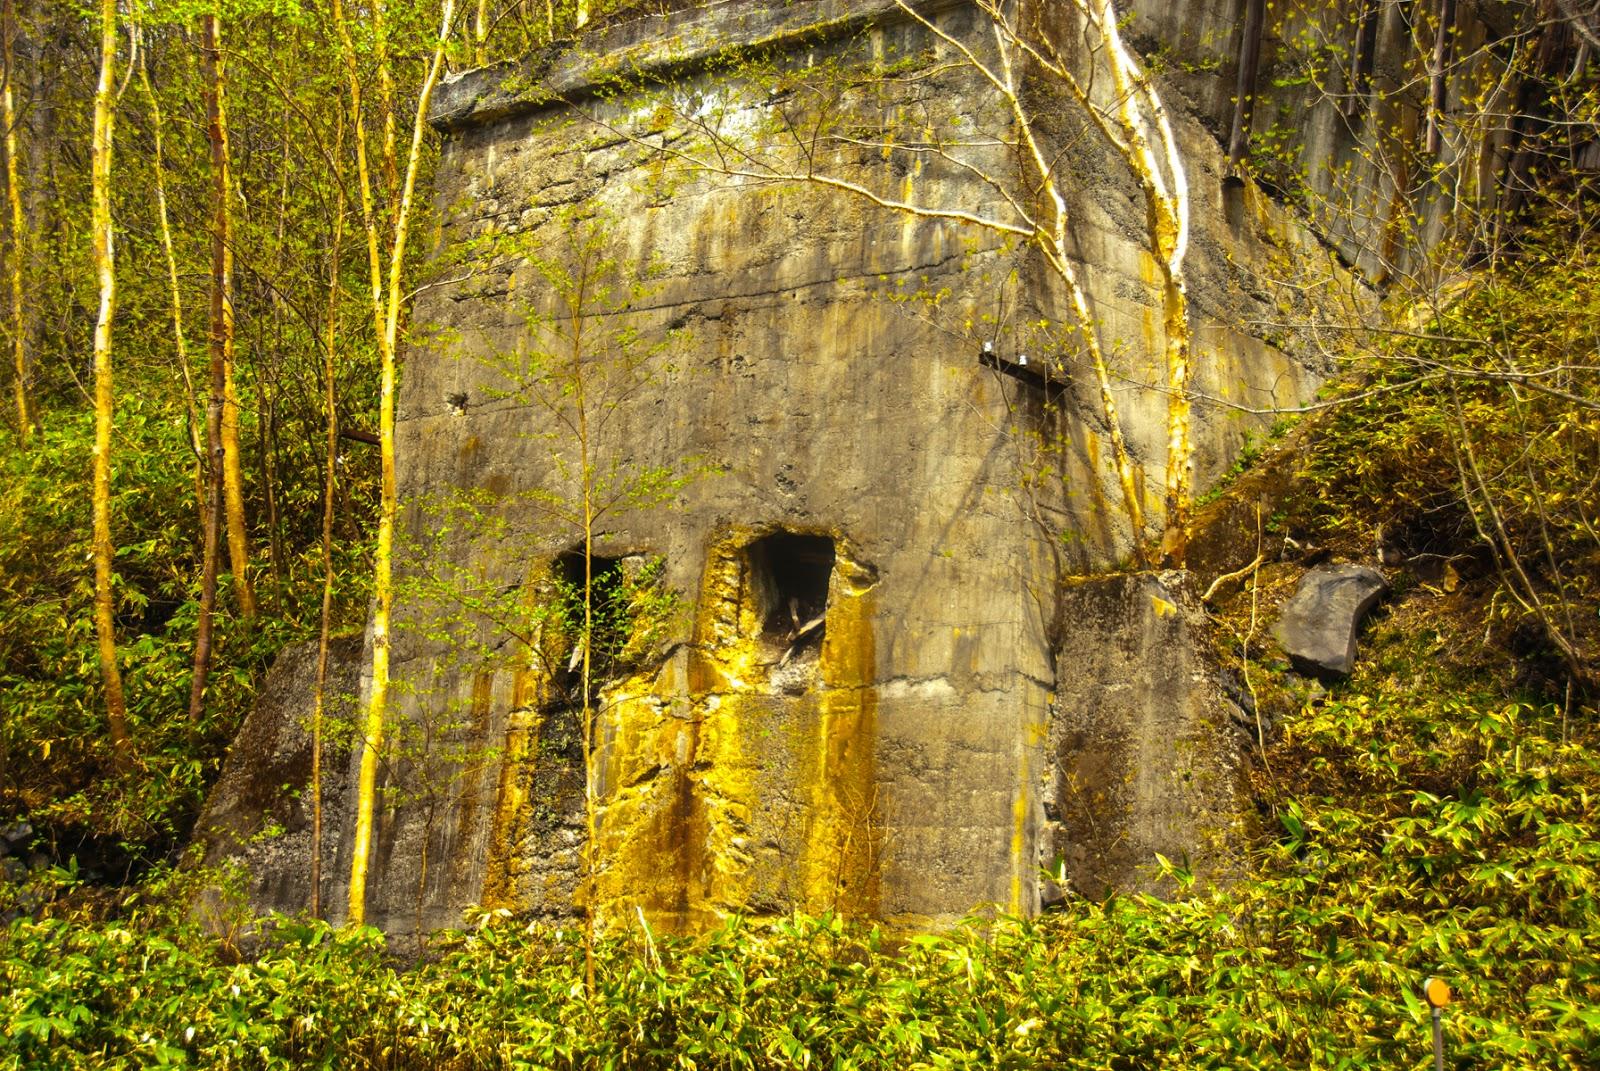 廃墟っぽい壁